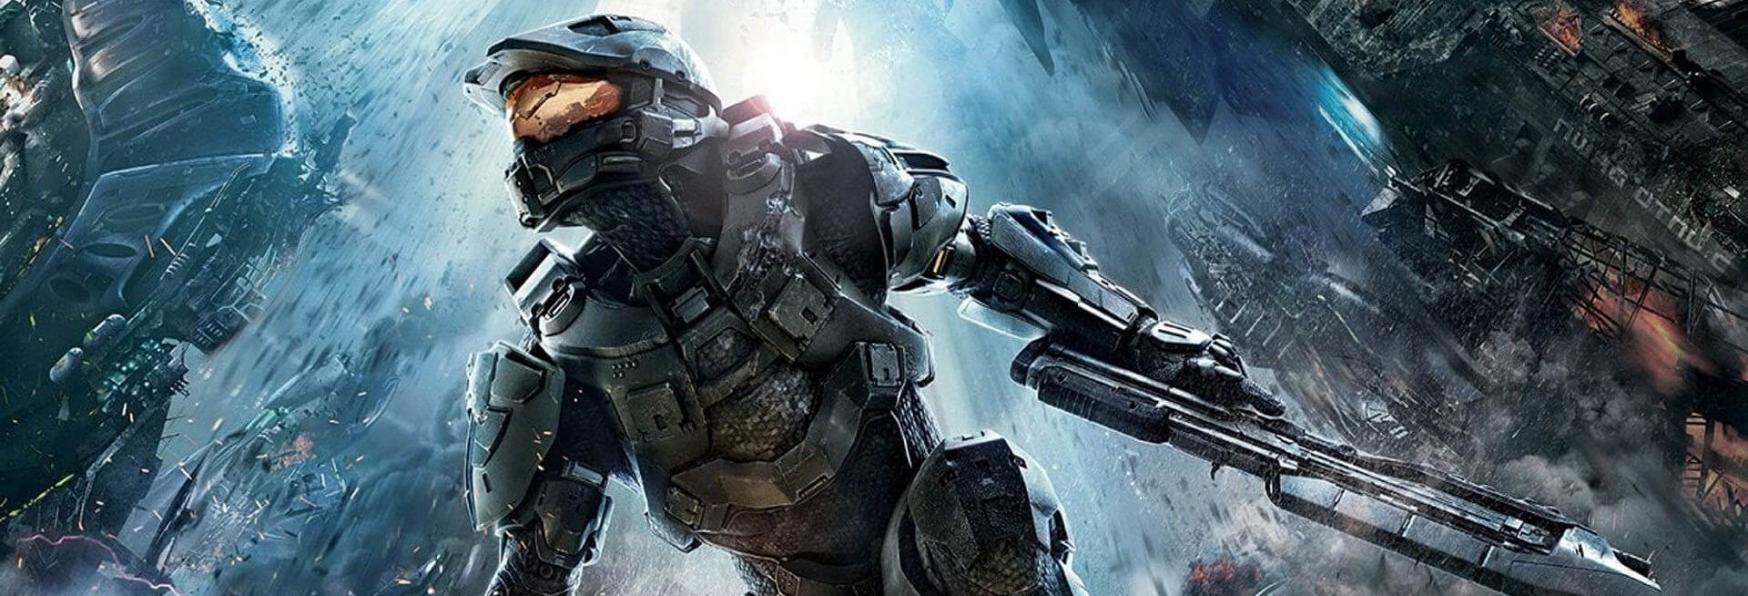 Halo: nuove aggiunte al Cast della Serie, tra cui Natascha McElhone